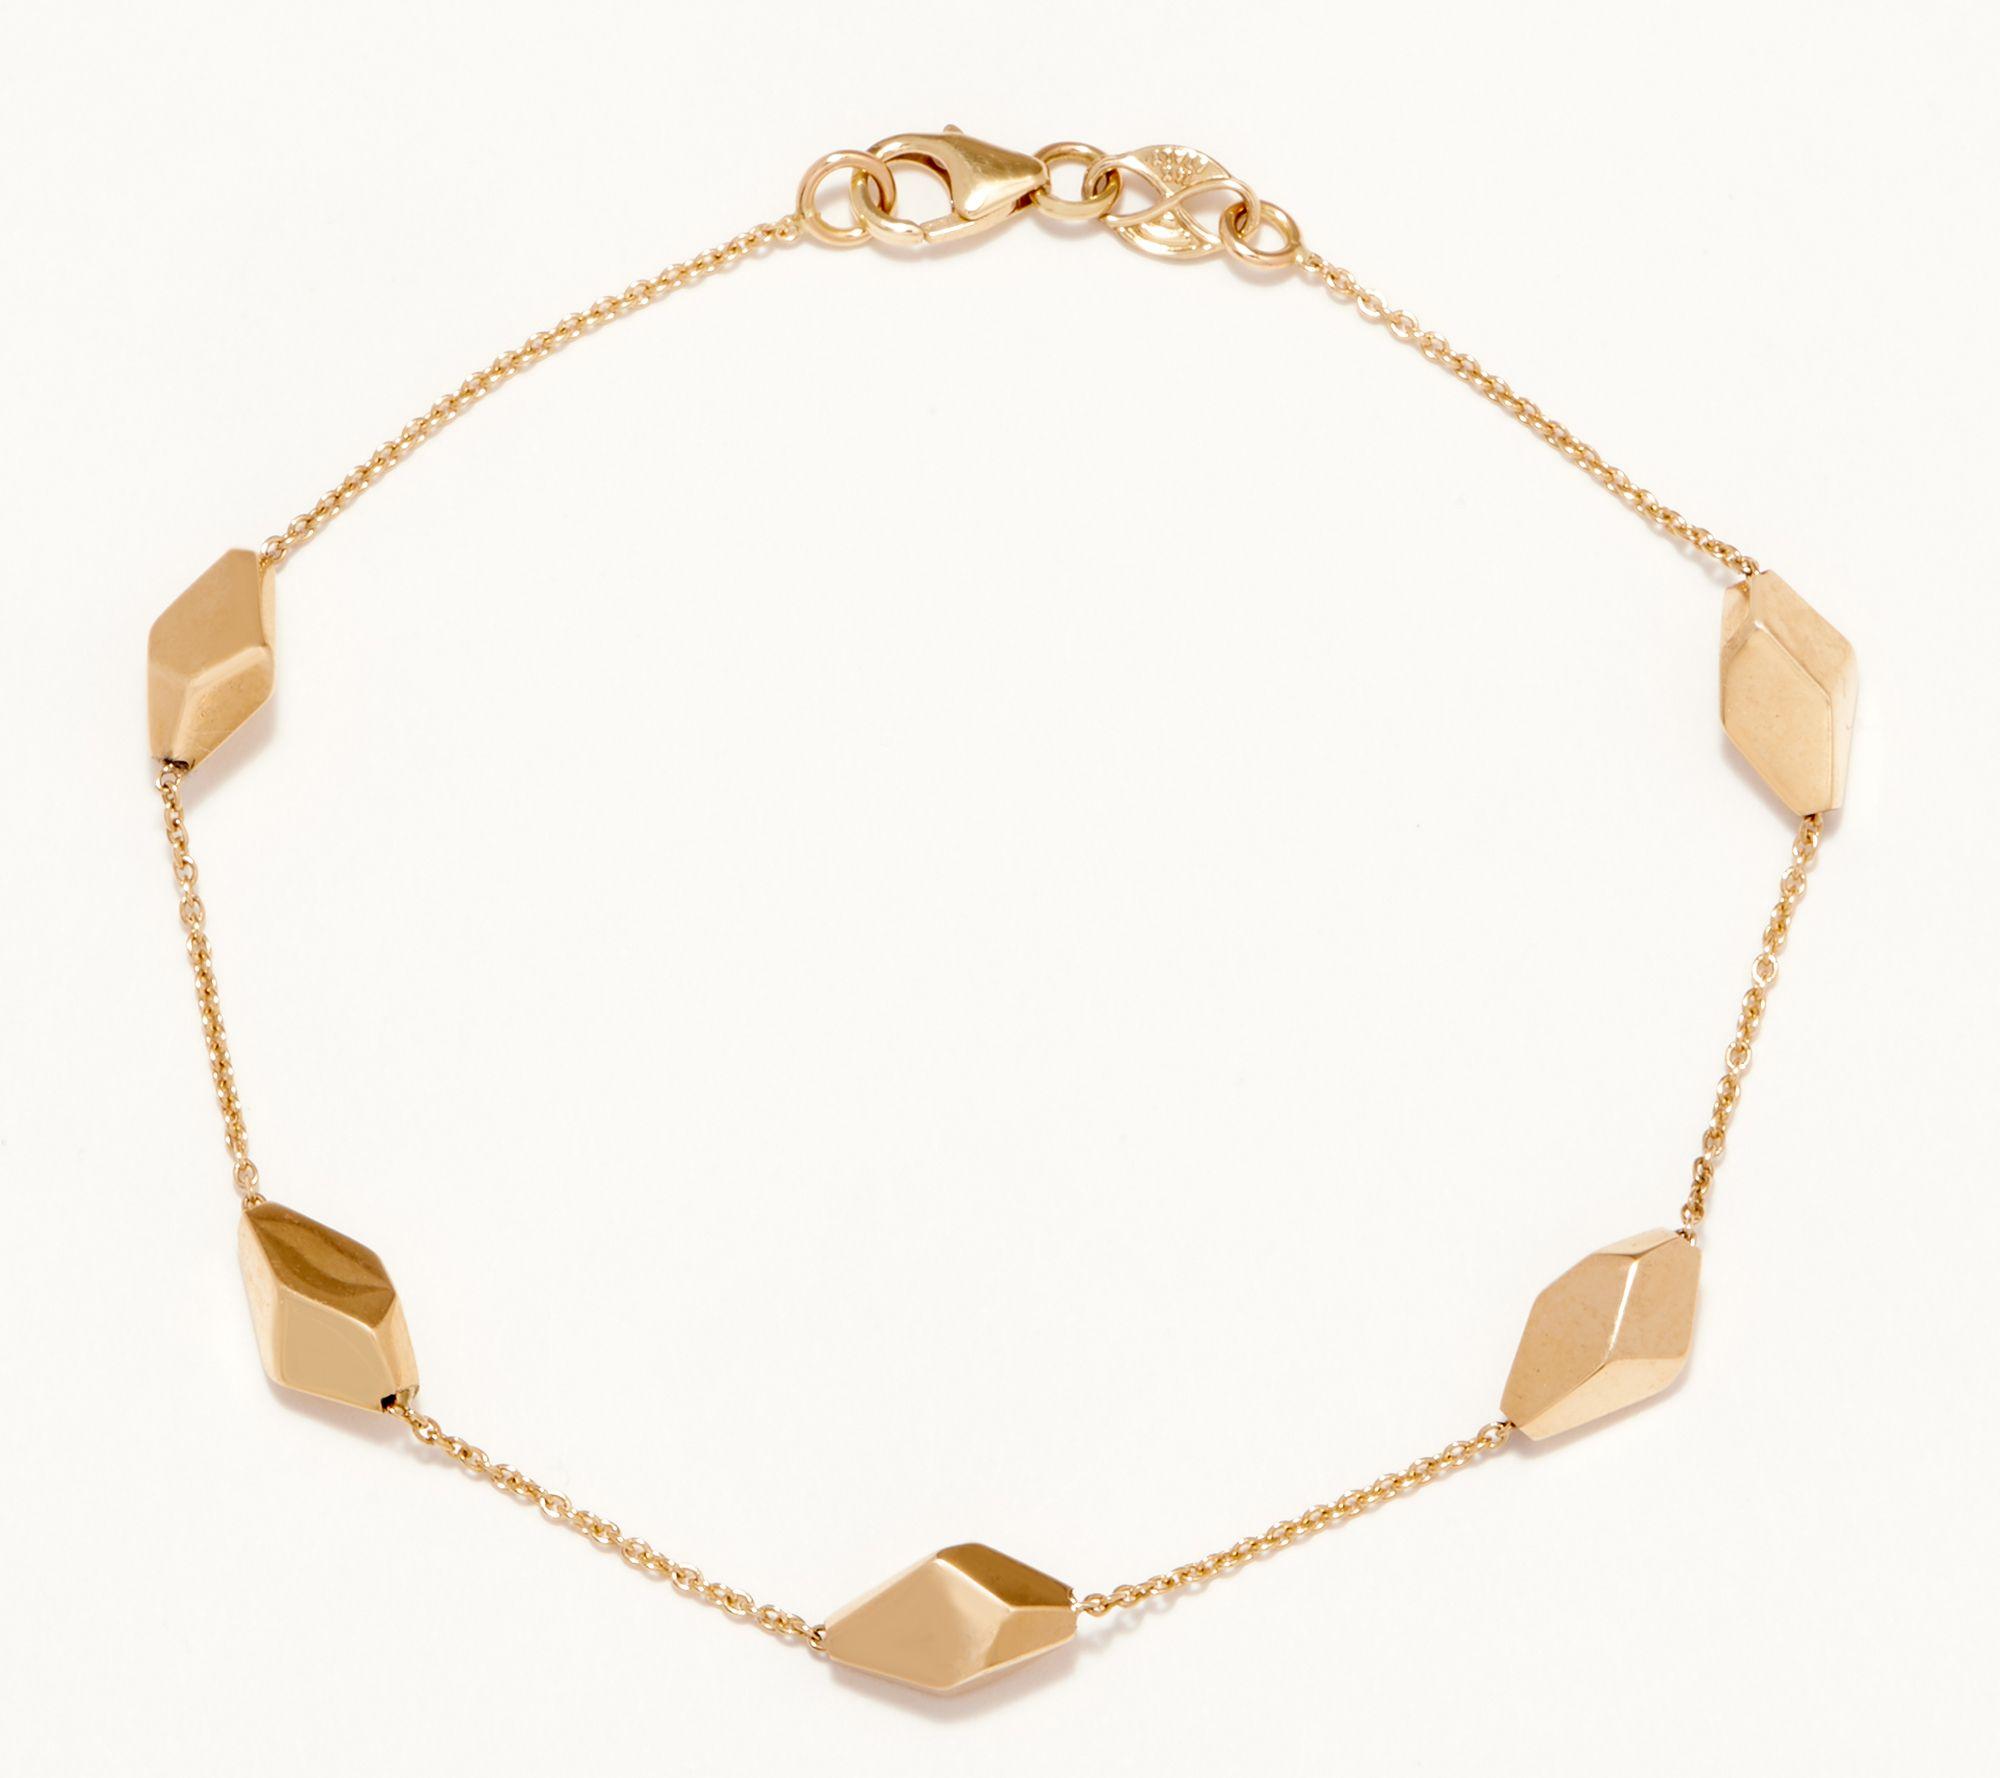 Station Bracelet 14k Gold